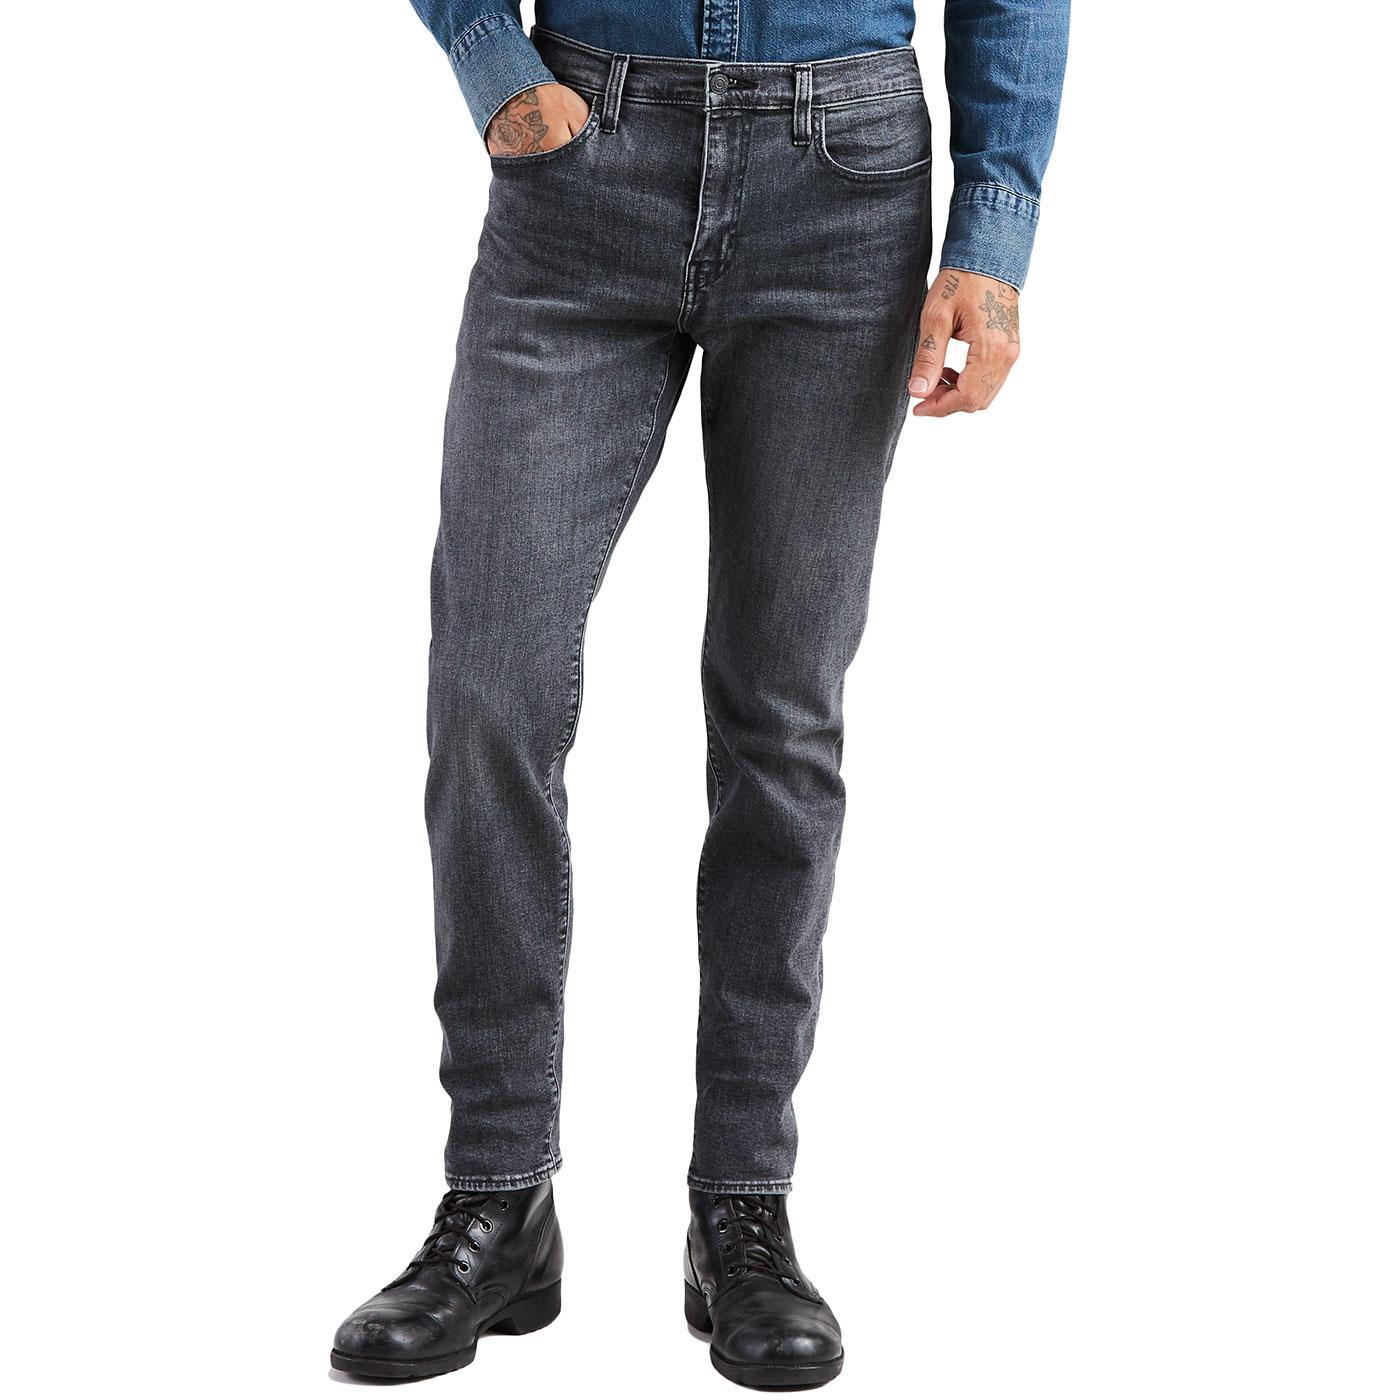 LEVI'S 502 Regular Taper Retro Jeans (Gobbler Adv)